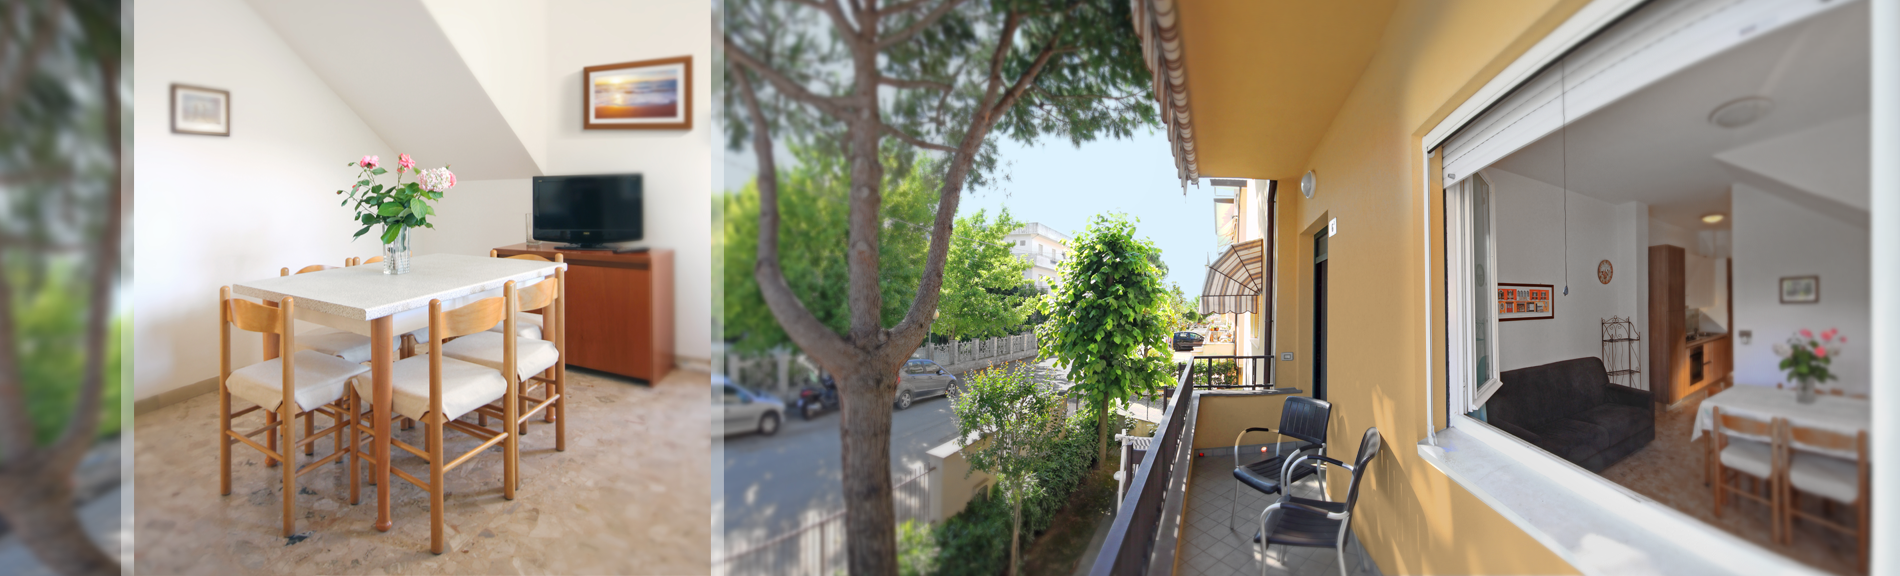 Misano Appartamenti - Slide 5